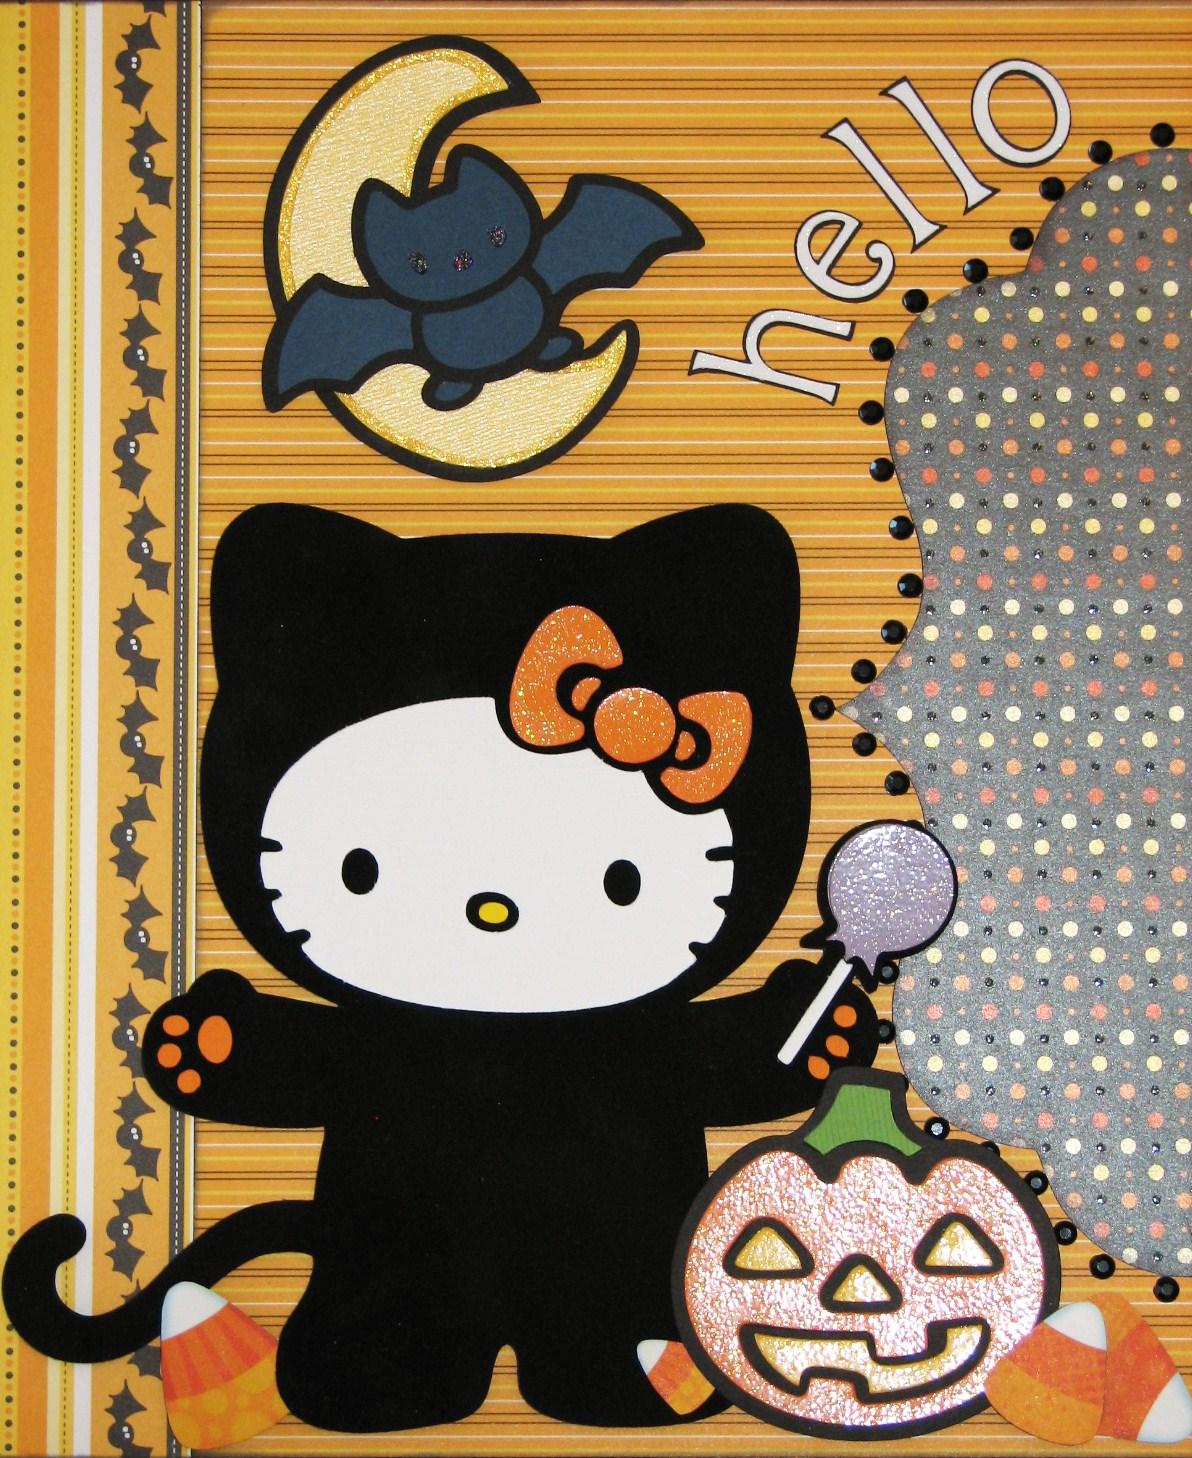 Scrapbook ideas hello kitty -  Hello Boo Kitty Halloween Scrapbook Pages